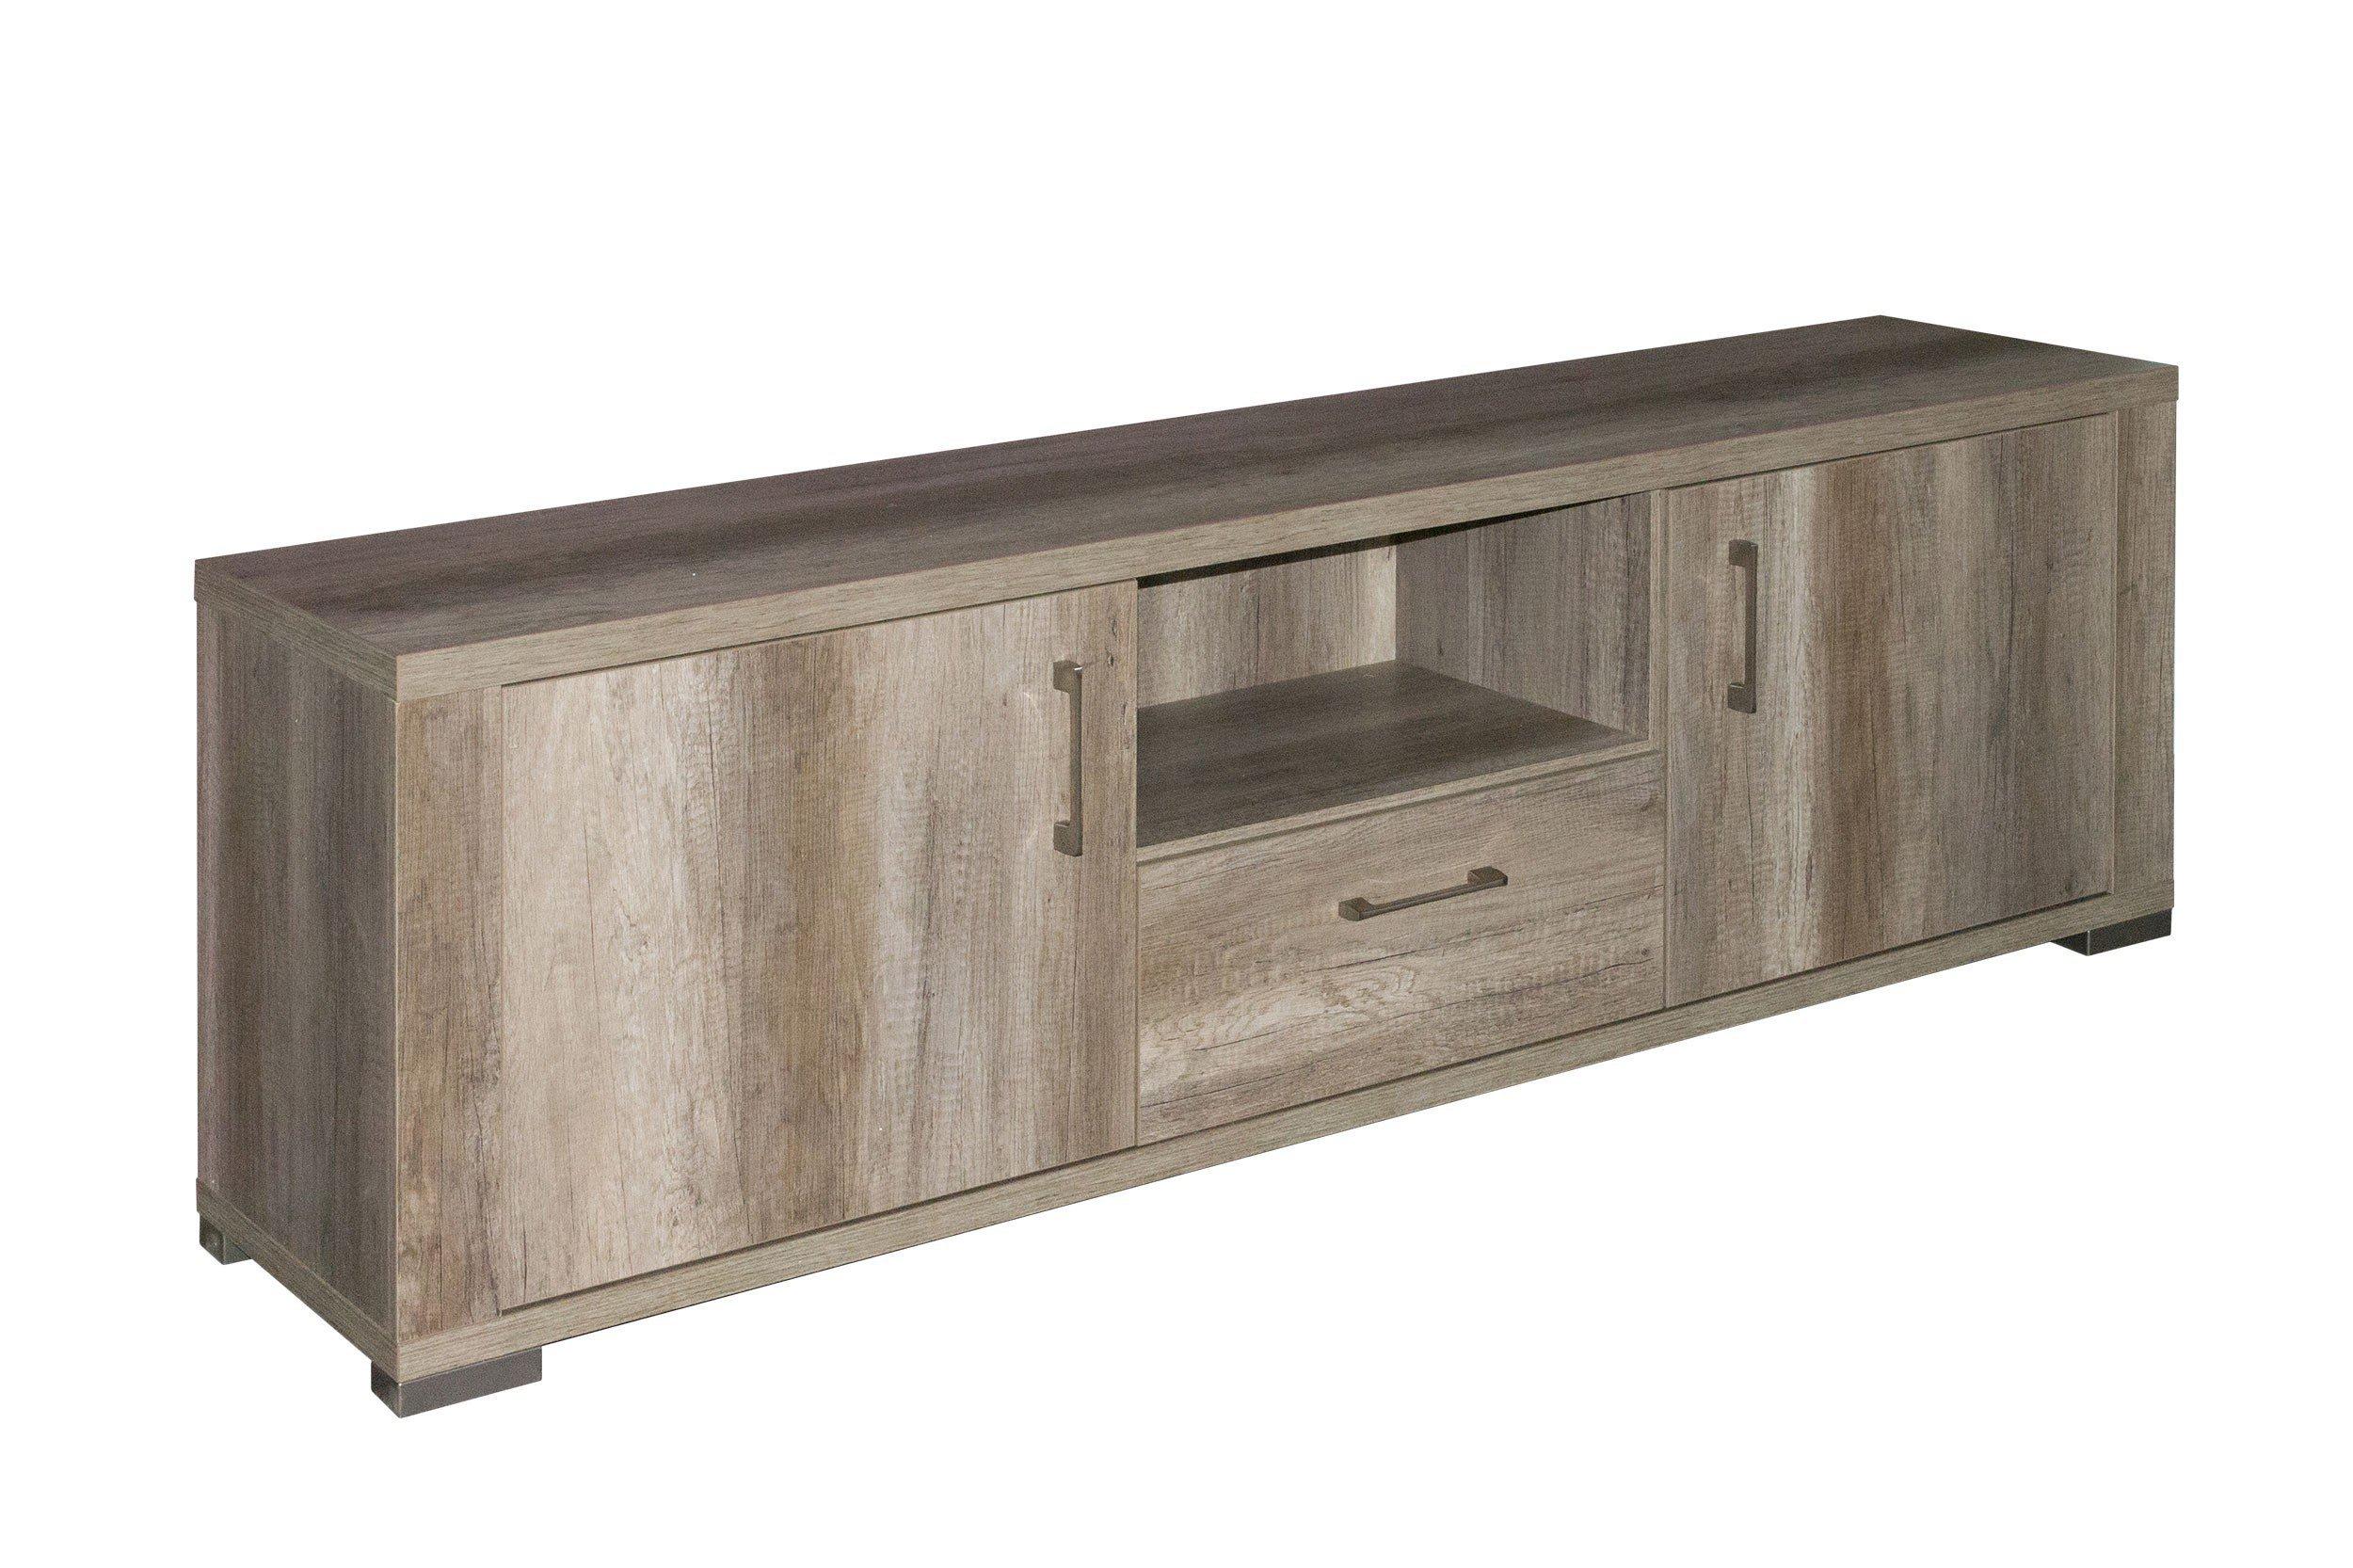 m usbacher lowboard matti eiche tr ffel m bel letz ihr. Black Bedroom Furniture Sets. Home Design Ideas